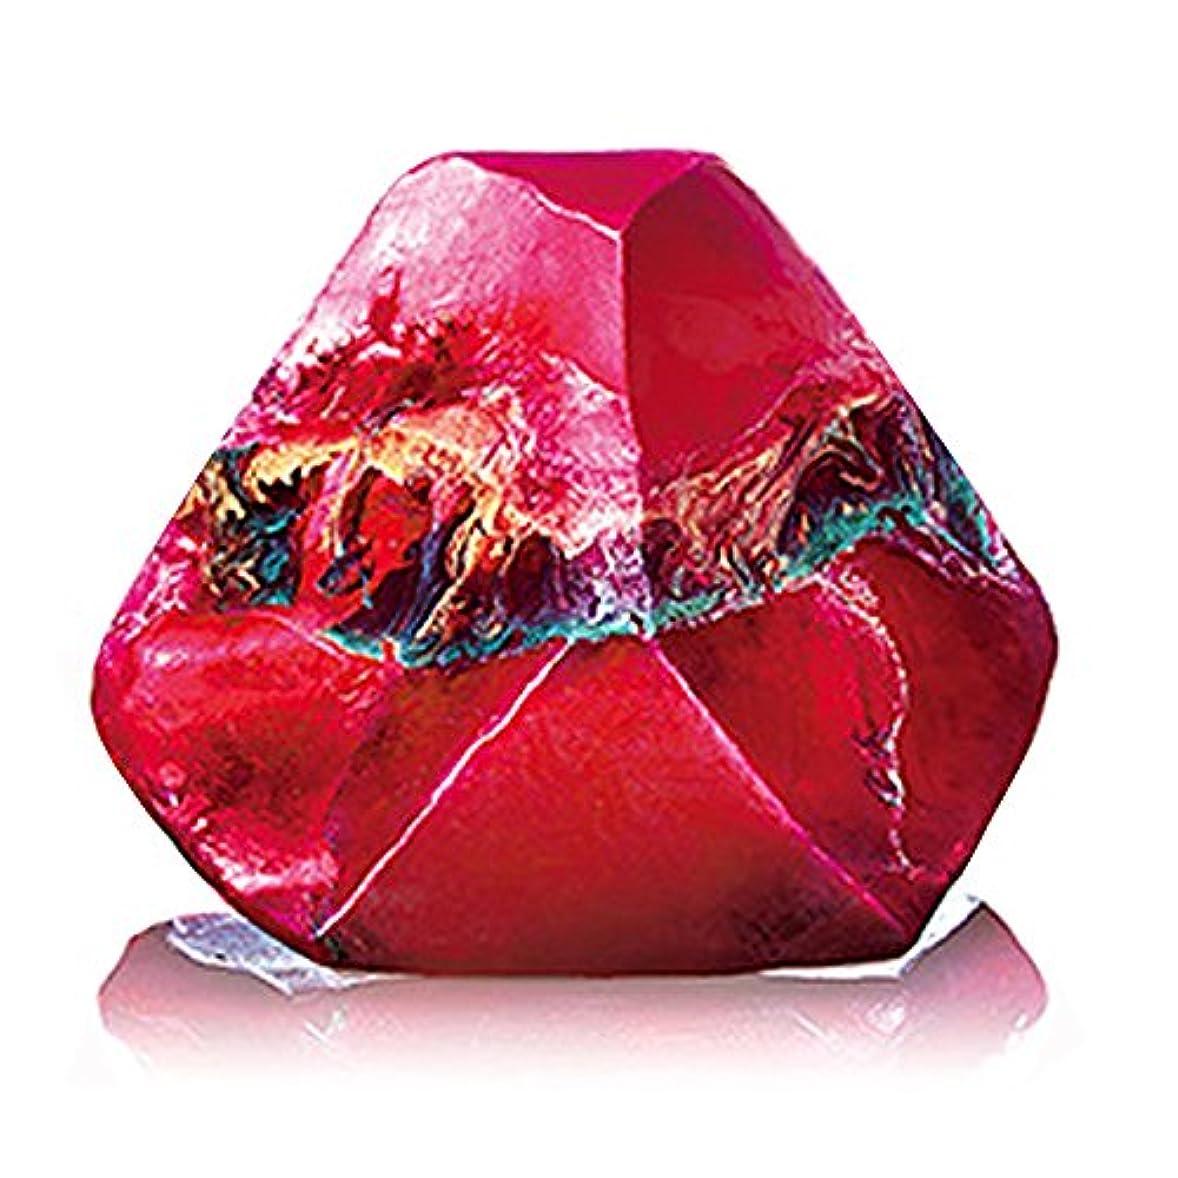 デコレーションコンテストあいにくSavons Gemme サボンジェム 世界で一番美しい宝石石鹸 フレグランス ソープ ガーネット ミニ 114g